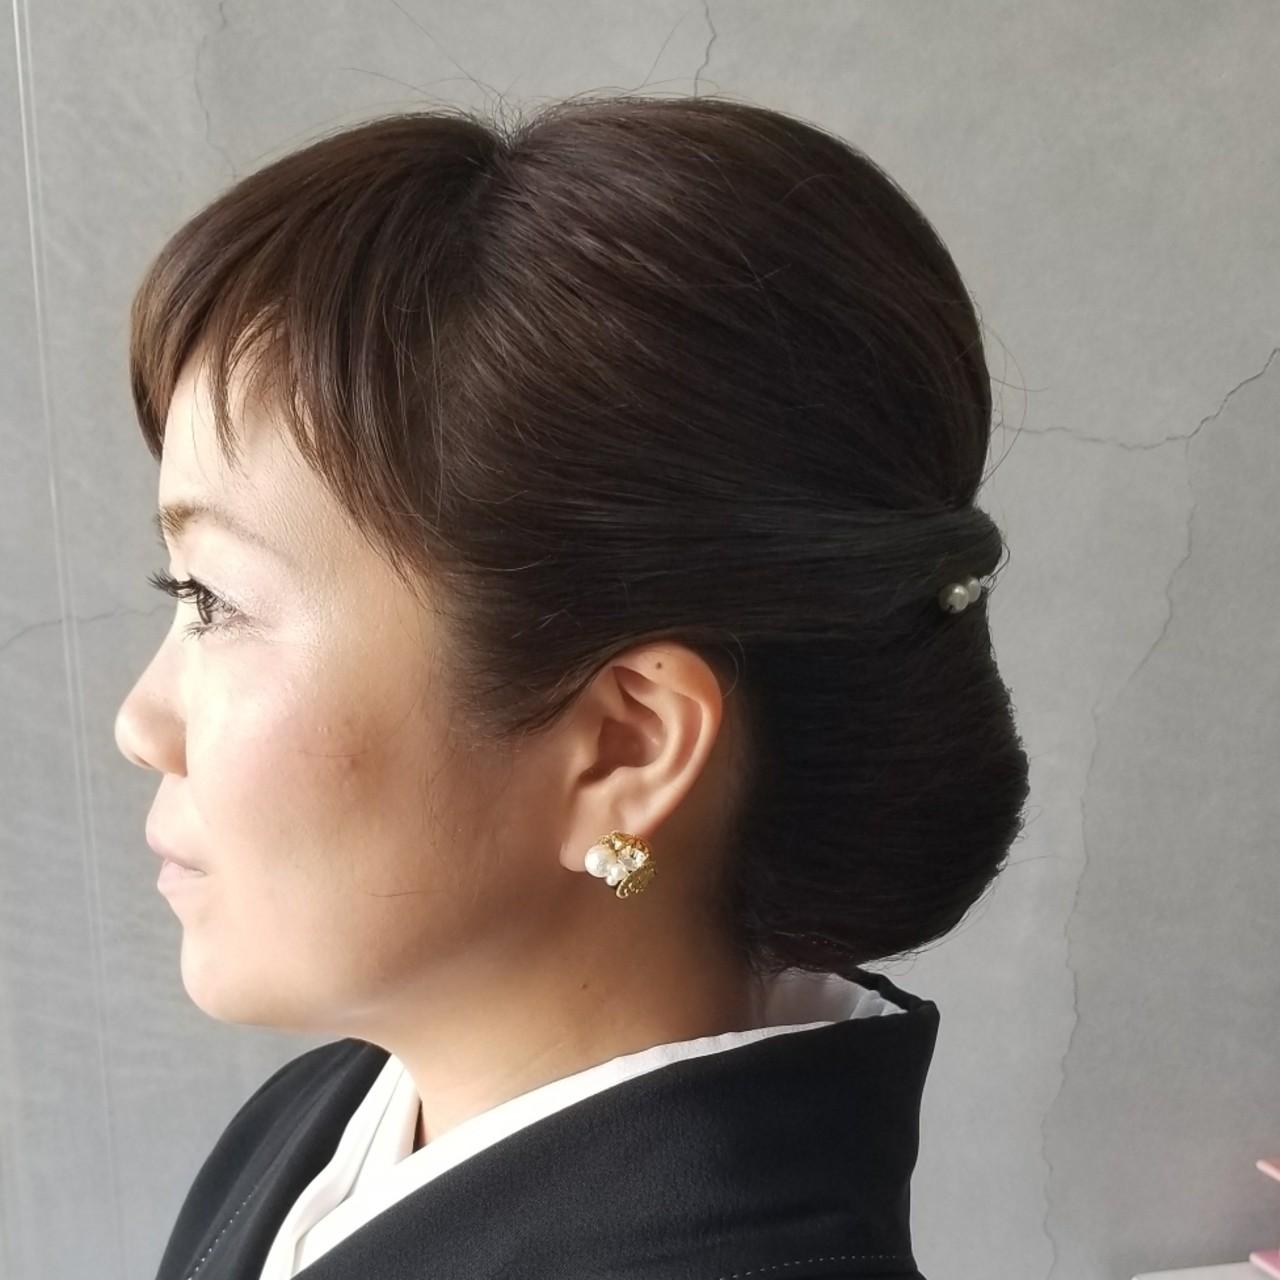 着物 まとめ髪 エレガント 結婚式 ヘアスタイルや髪型の写真・画像 | よしだ なおよ / Cheveux